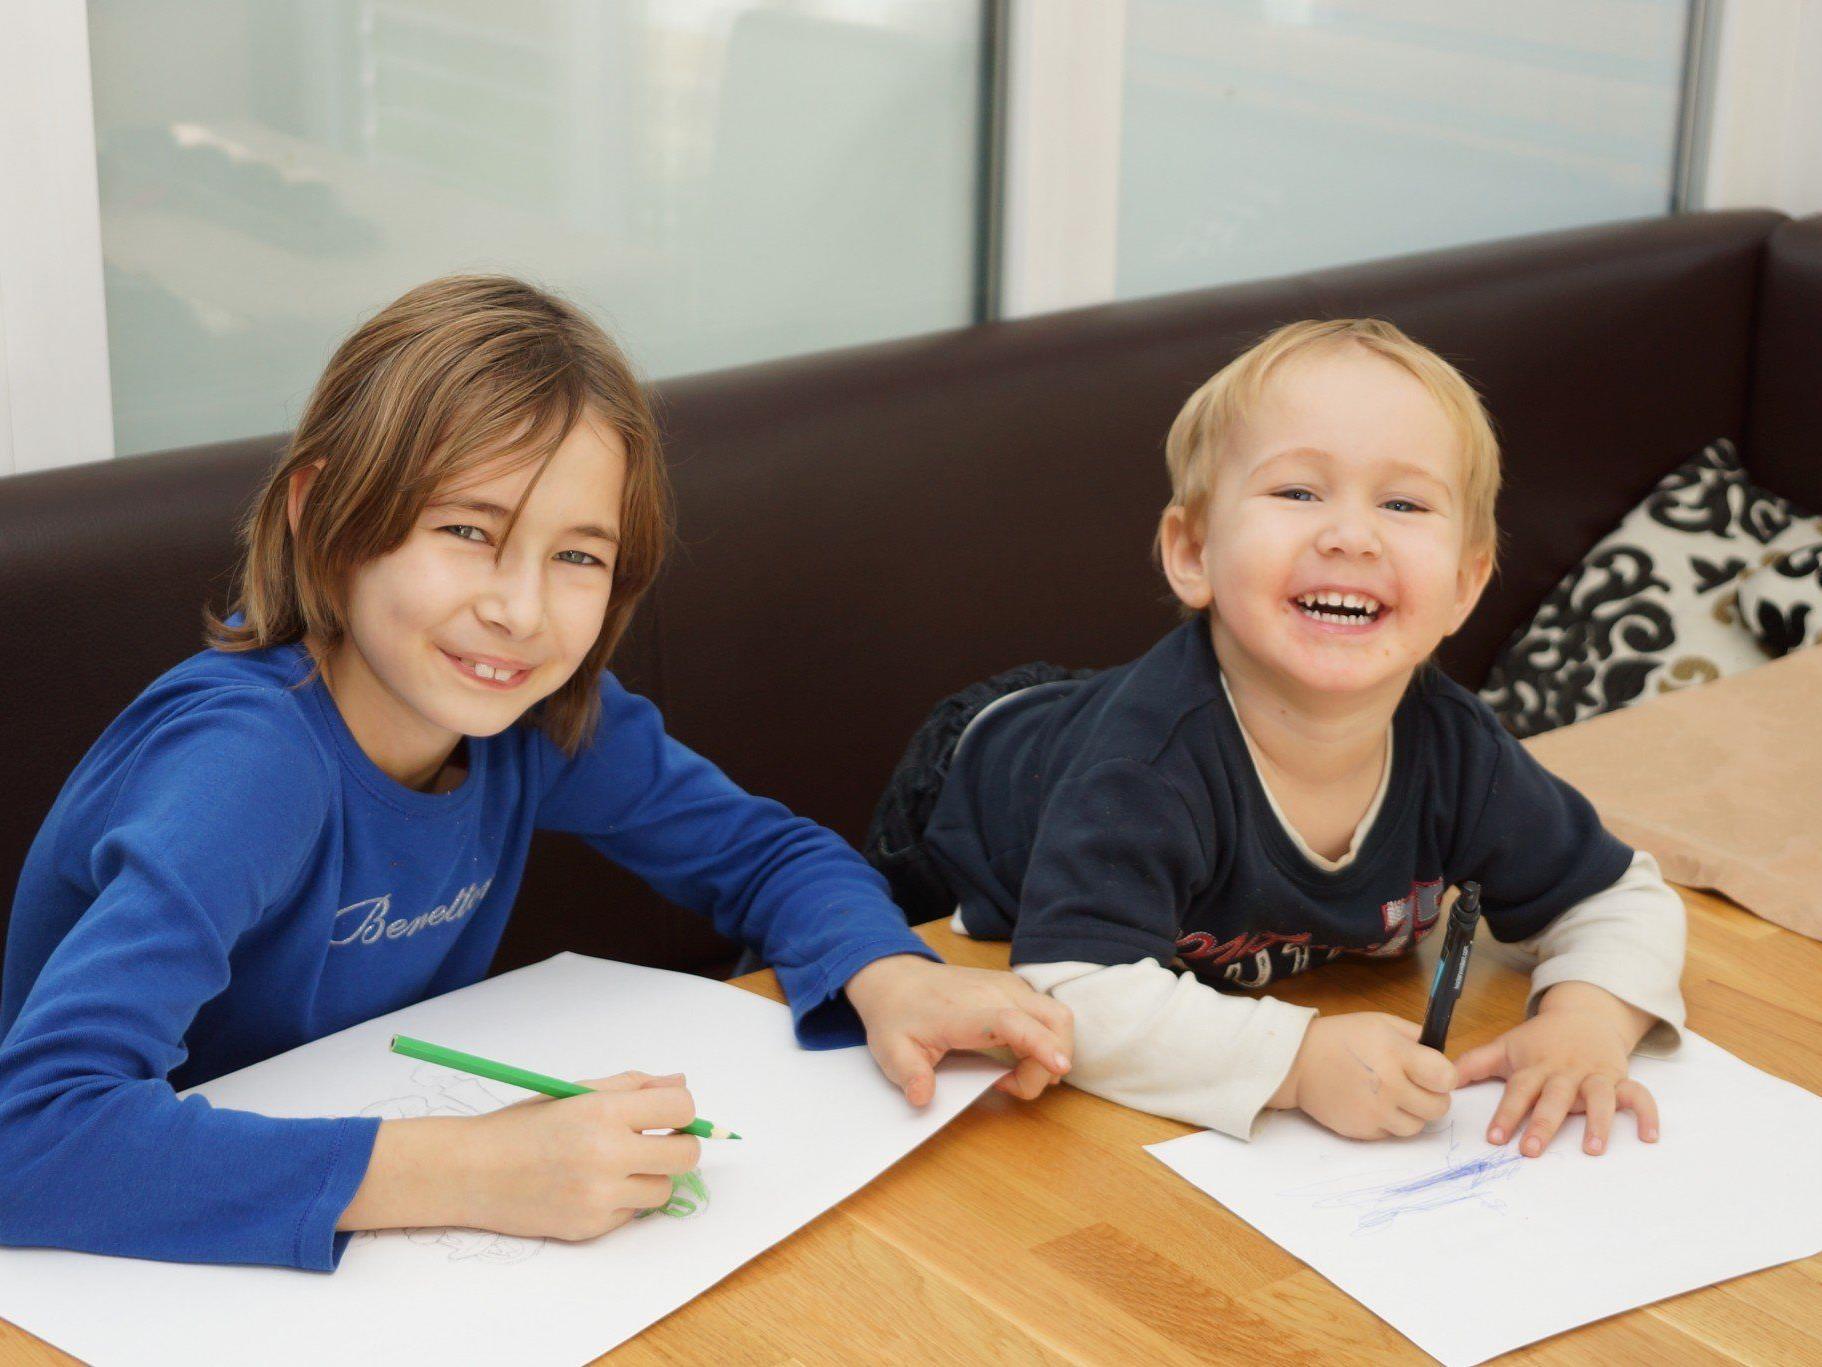 Kinder malen ihre Wünsche ans Christkind